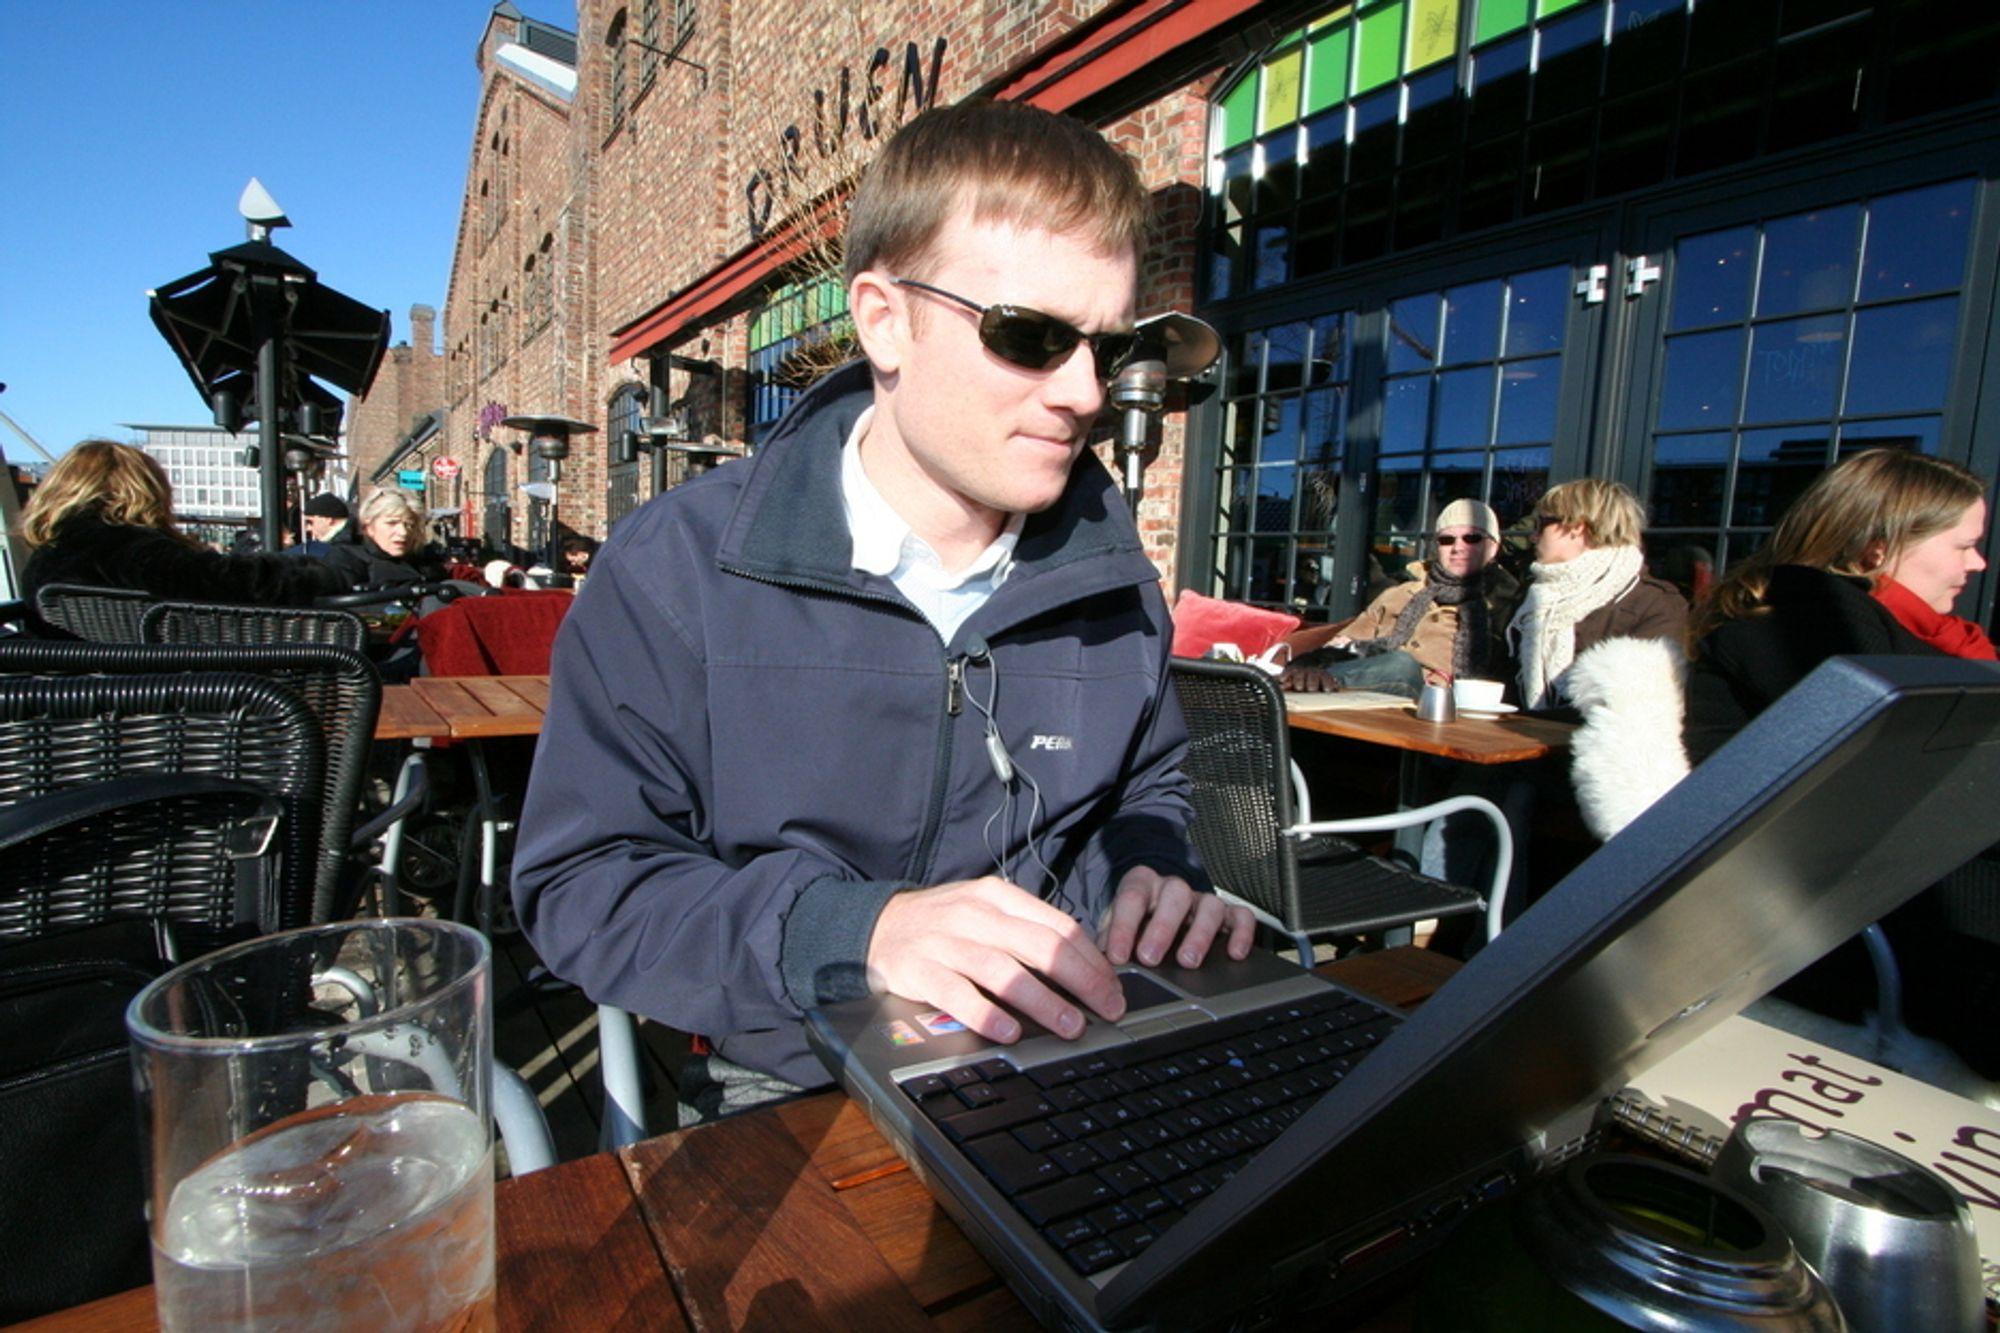 Forsker Thomas Jelle er blant dem som bruker det trådløse nettet i Trondheim sentrum.